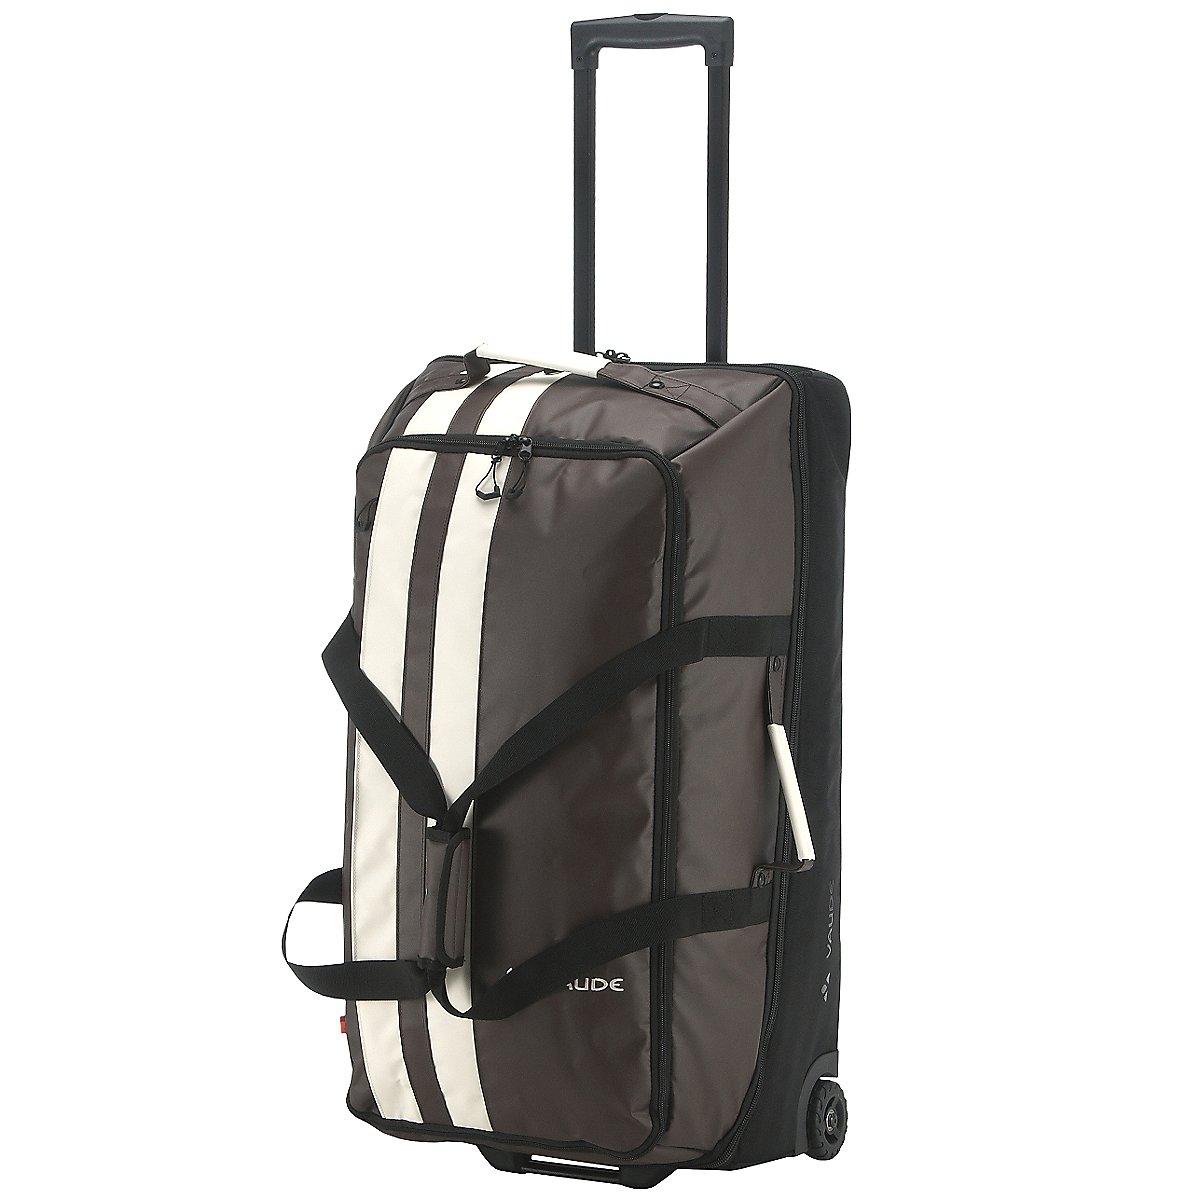 vaude new island tobago 90 reisetasche auf rollen 75 cm koffer. Black Bedroom Furniture Sets. Home Design Ideas